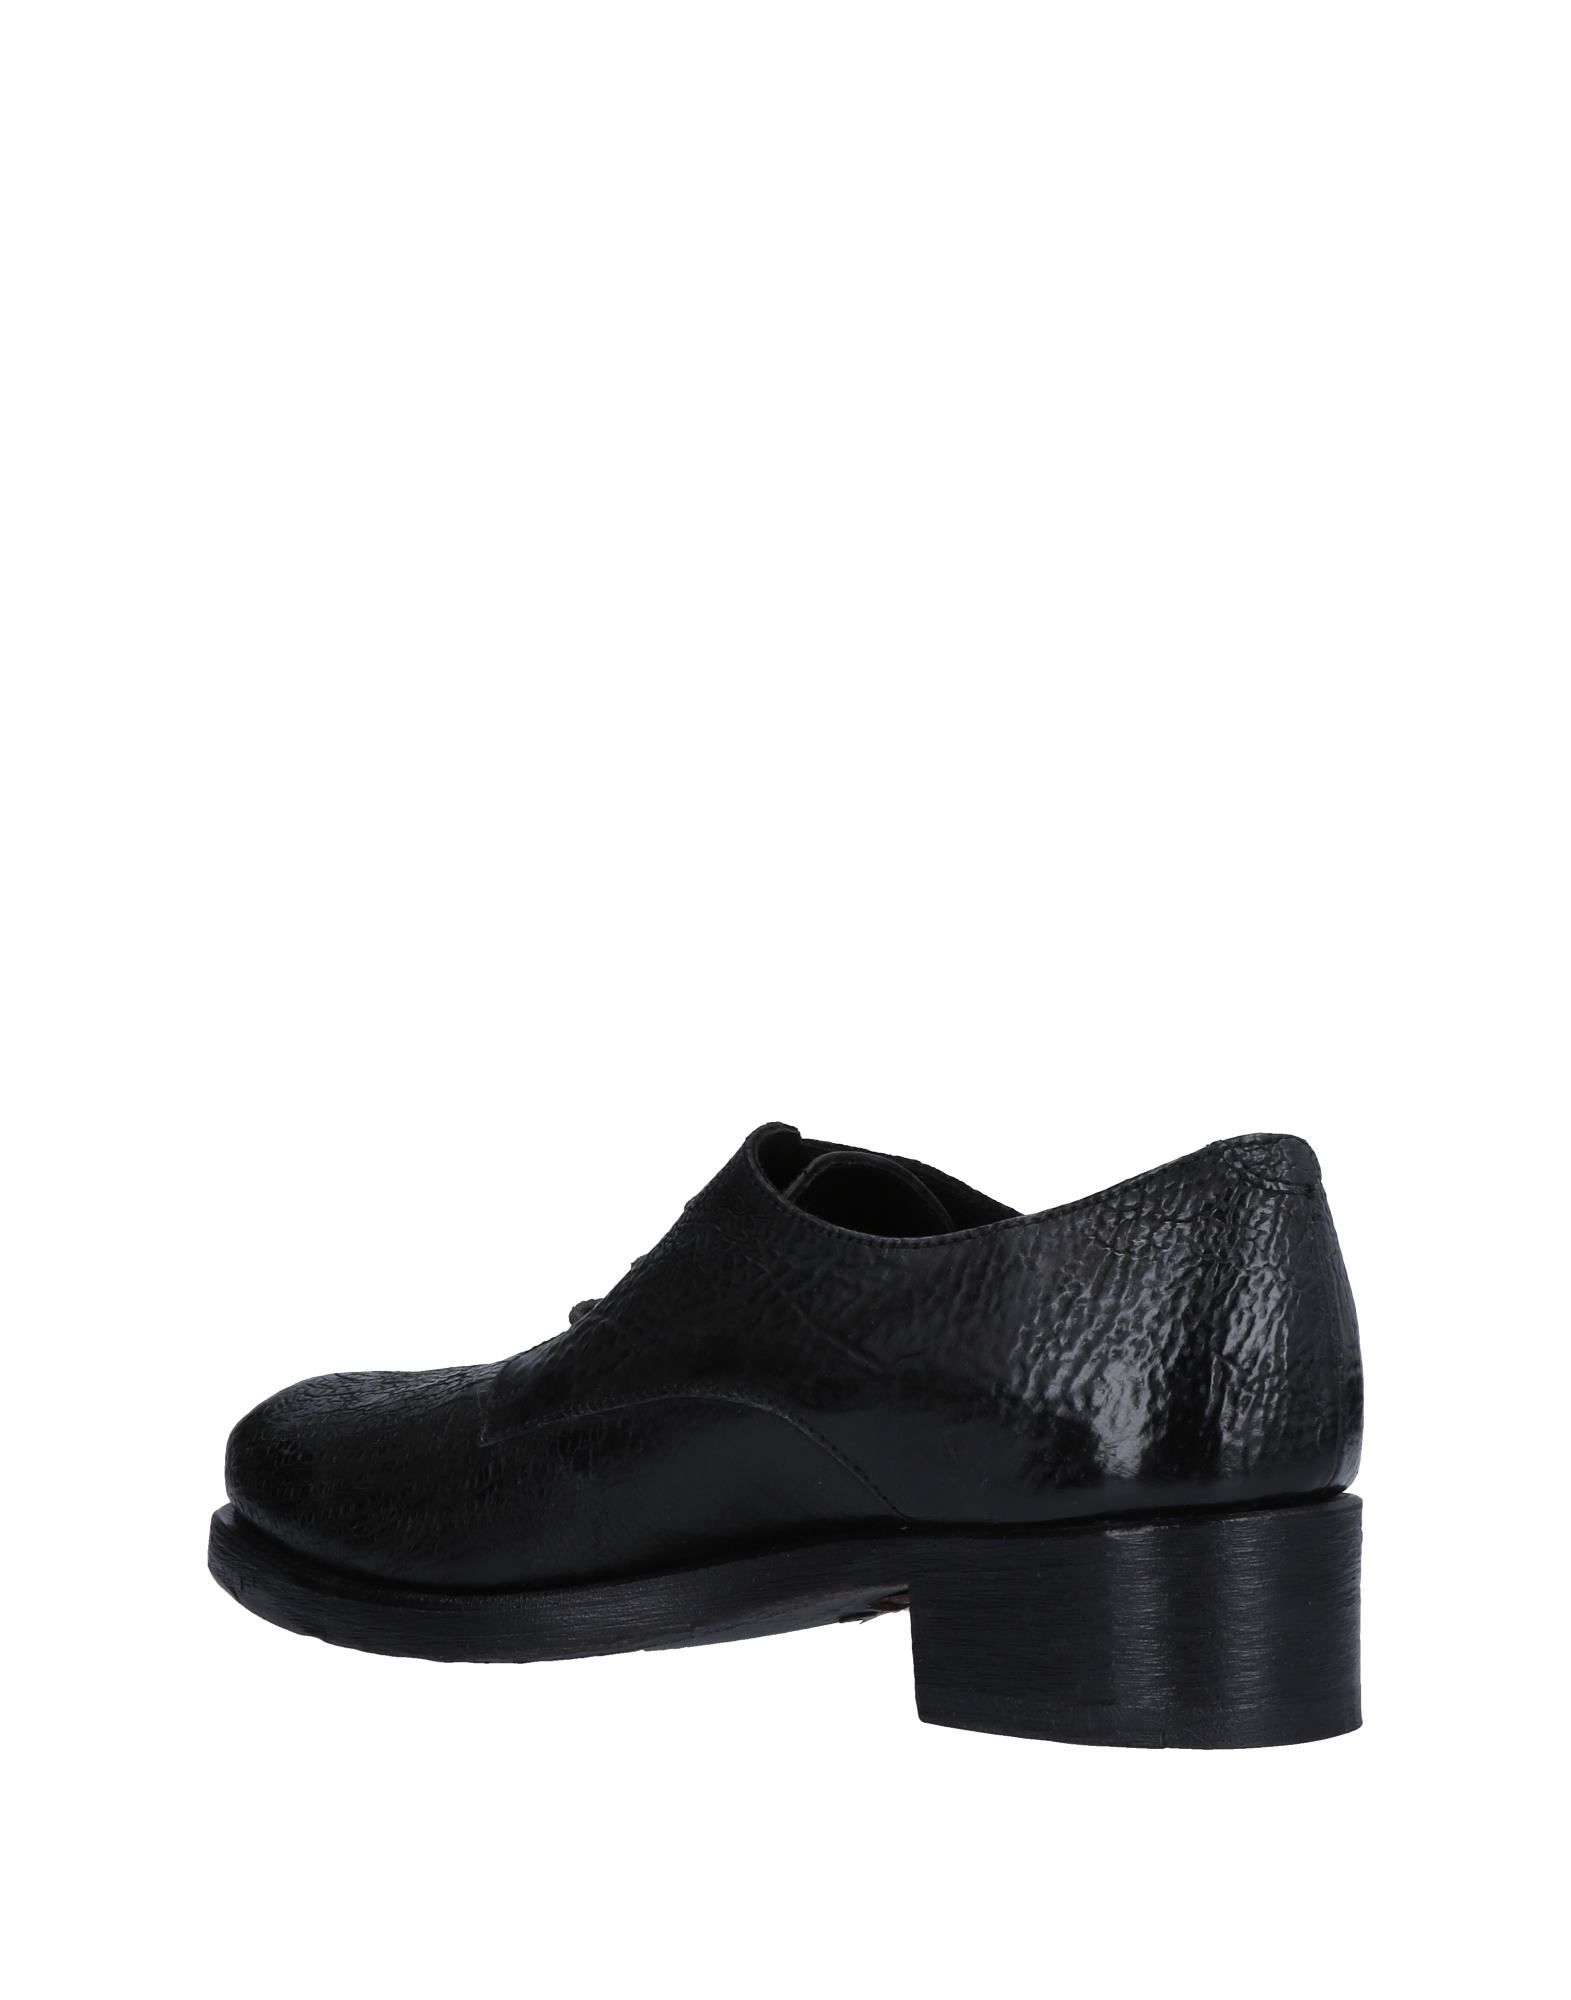 Asgaard Schnürschuhe Herren  11517196JU Gute Qualität beliebte Schuhe